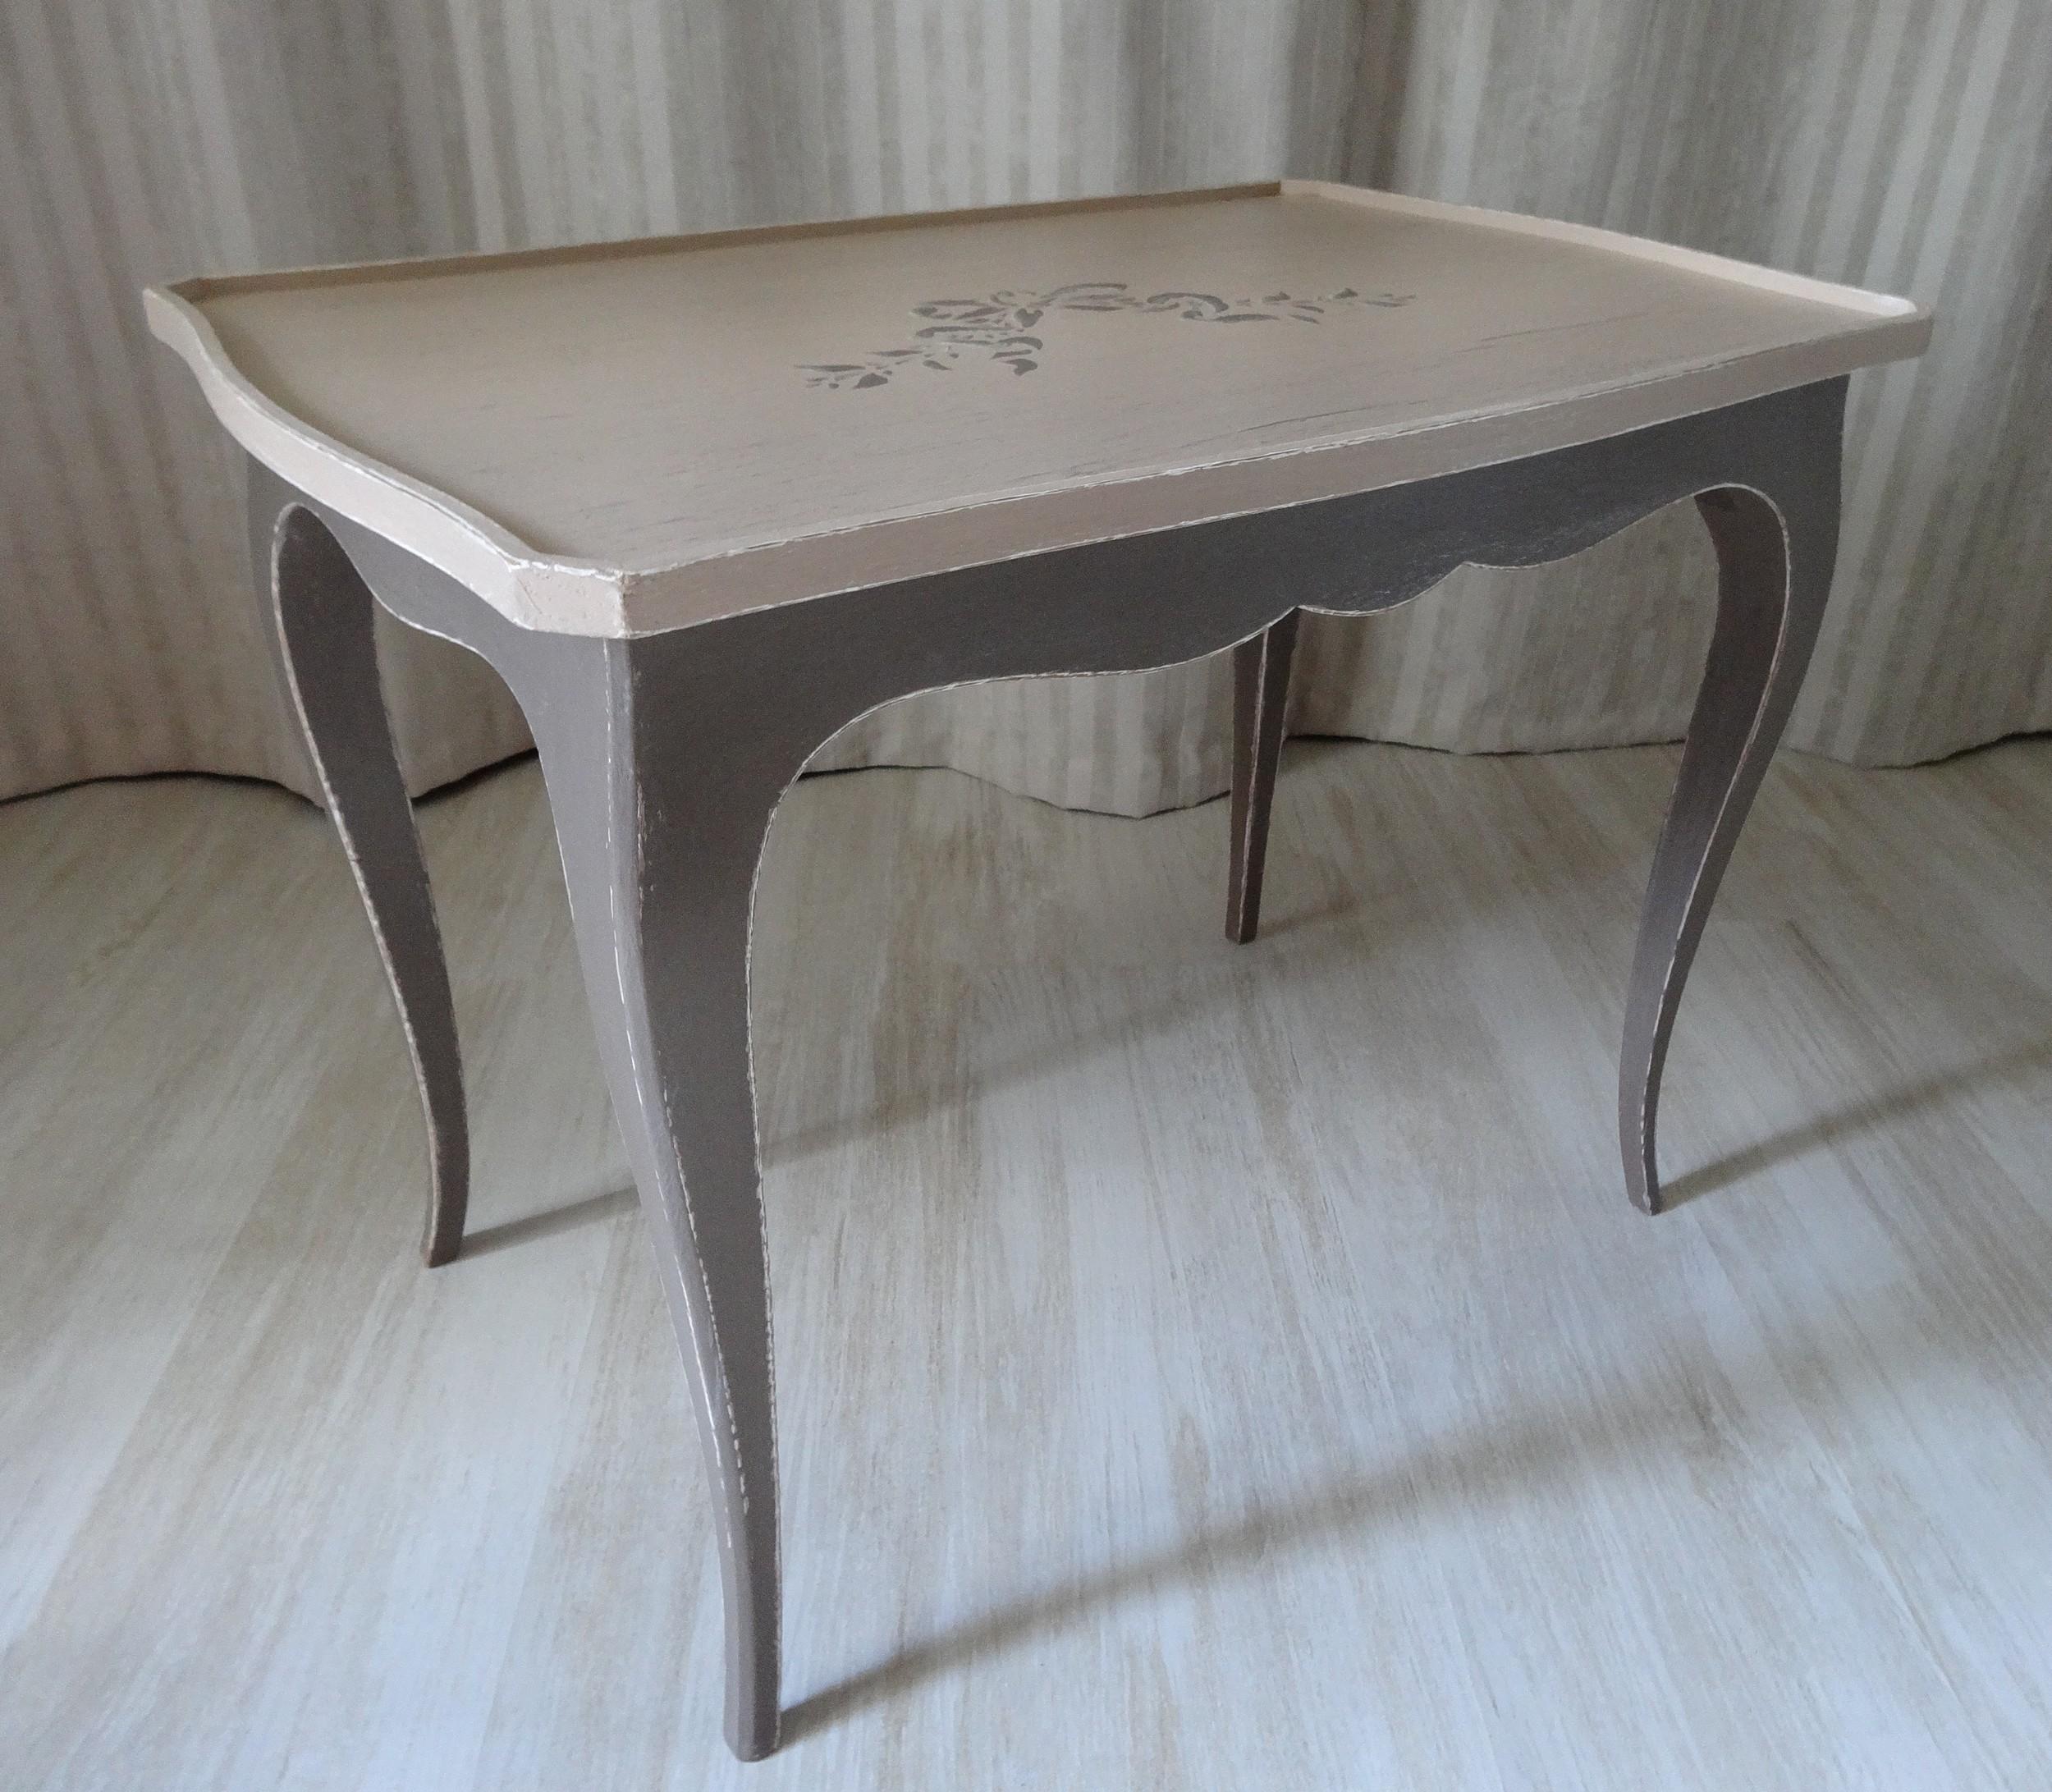 petite table basse effet shabby dans les tonalit s champignons et cacao anjoudeco. Black Bedroom Furniture Sets. Home Design Ideas